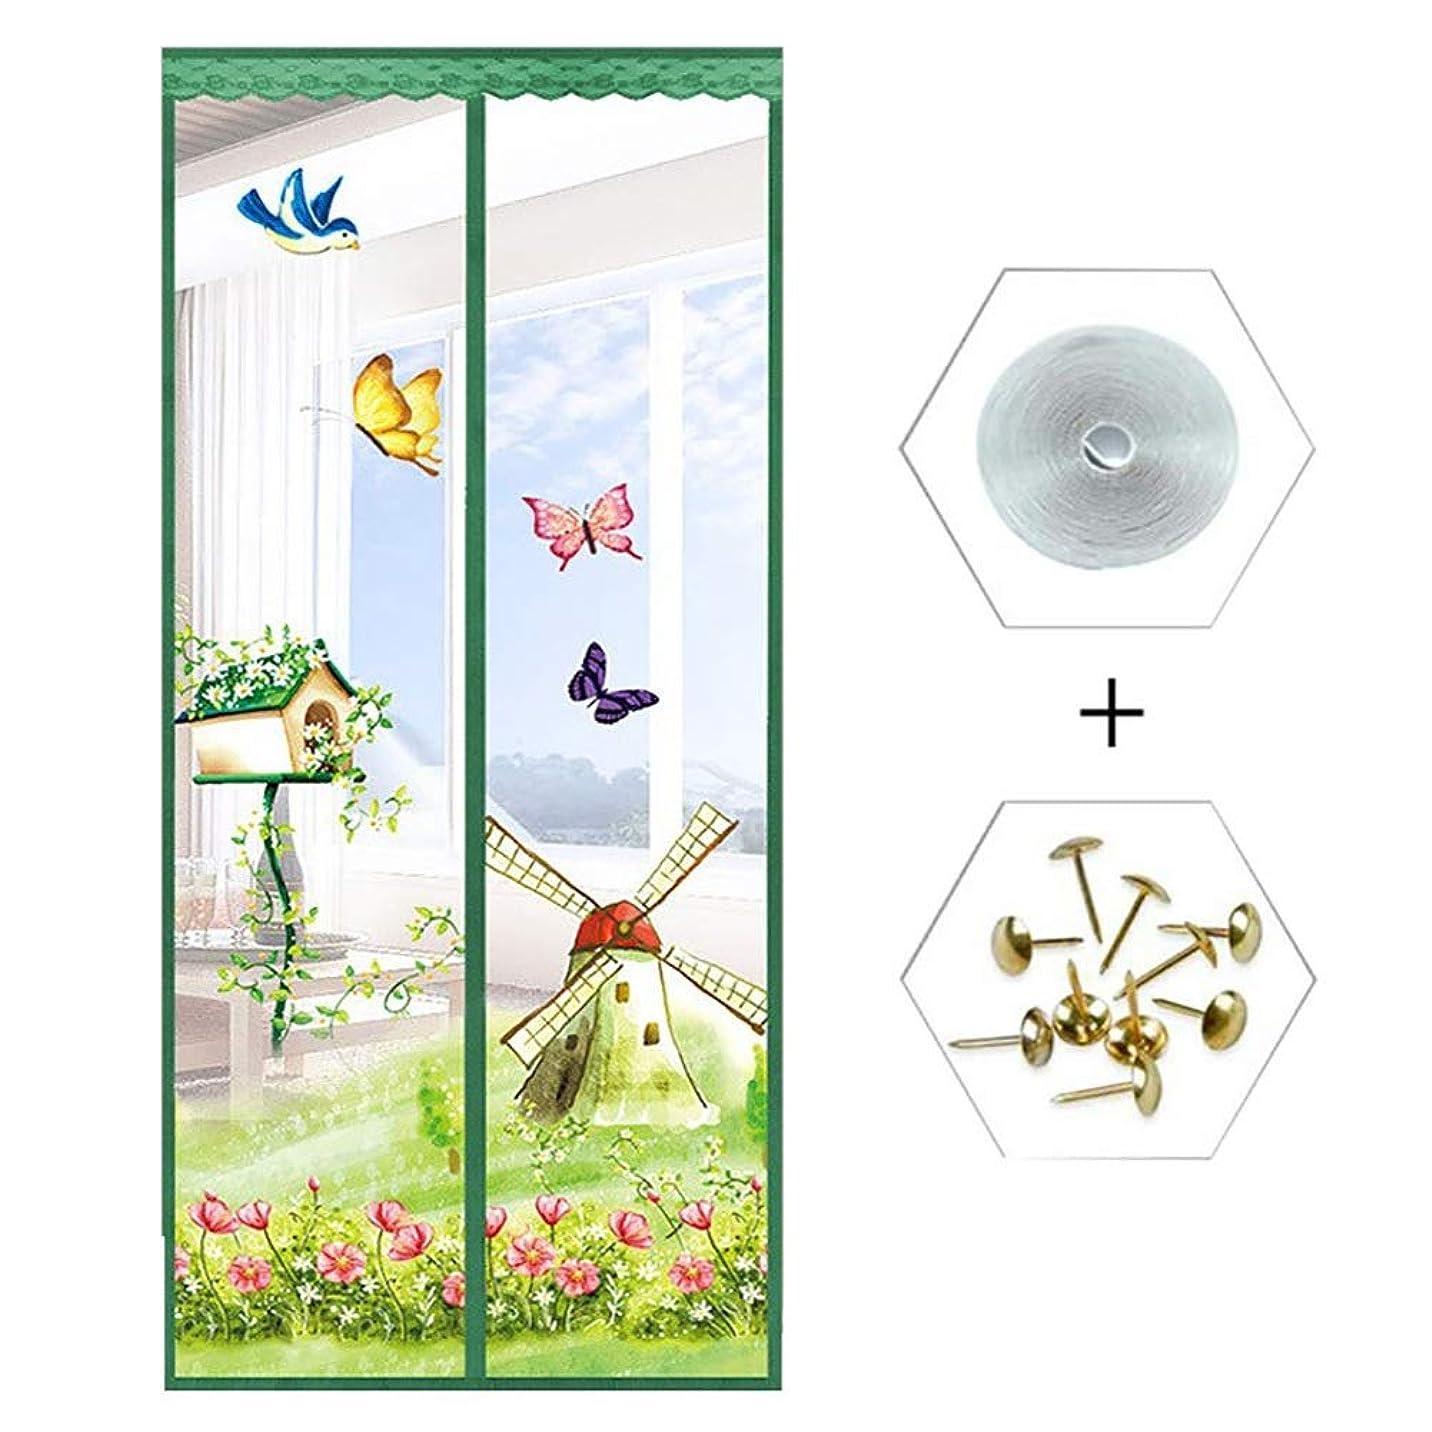 朝ピアノ消防士DCMIN マグネット式網戸 マグネット ドア用網戸 玄関カーテン、マジックテープ 取付簡単 自動的閉します、ドア 勝手口 ベランダ 玄関 (Color : Green, Size : 110x200cm(43x79inch))